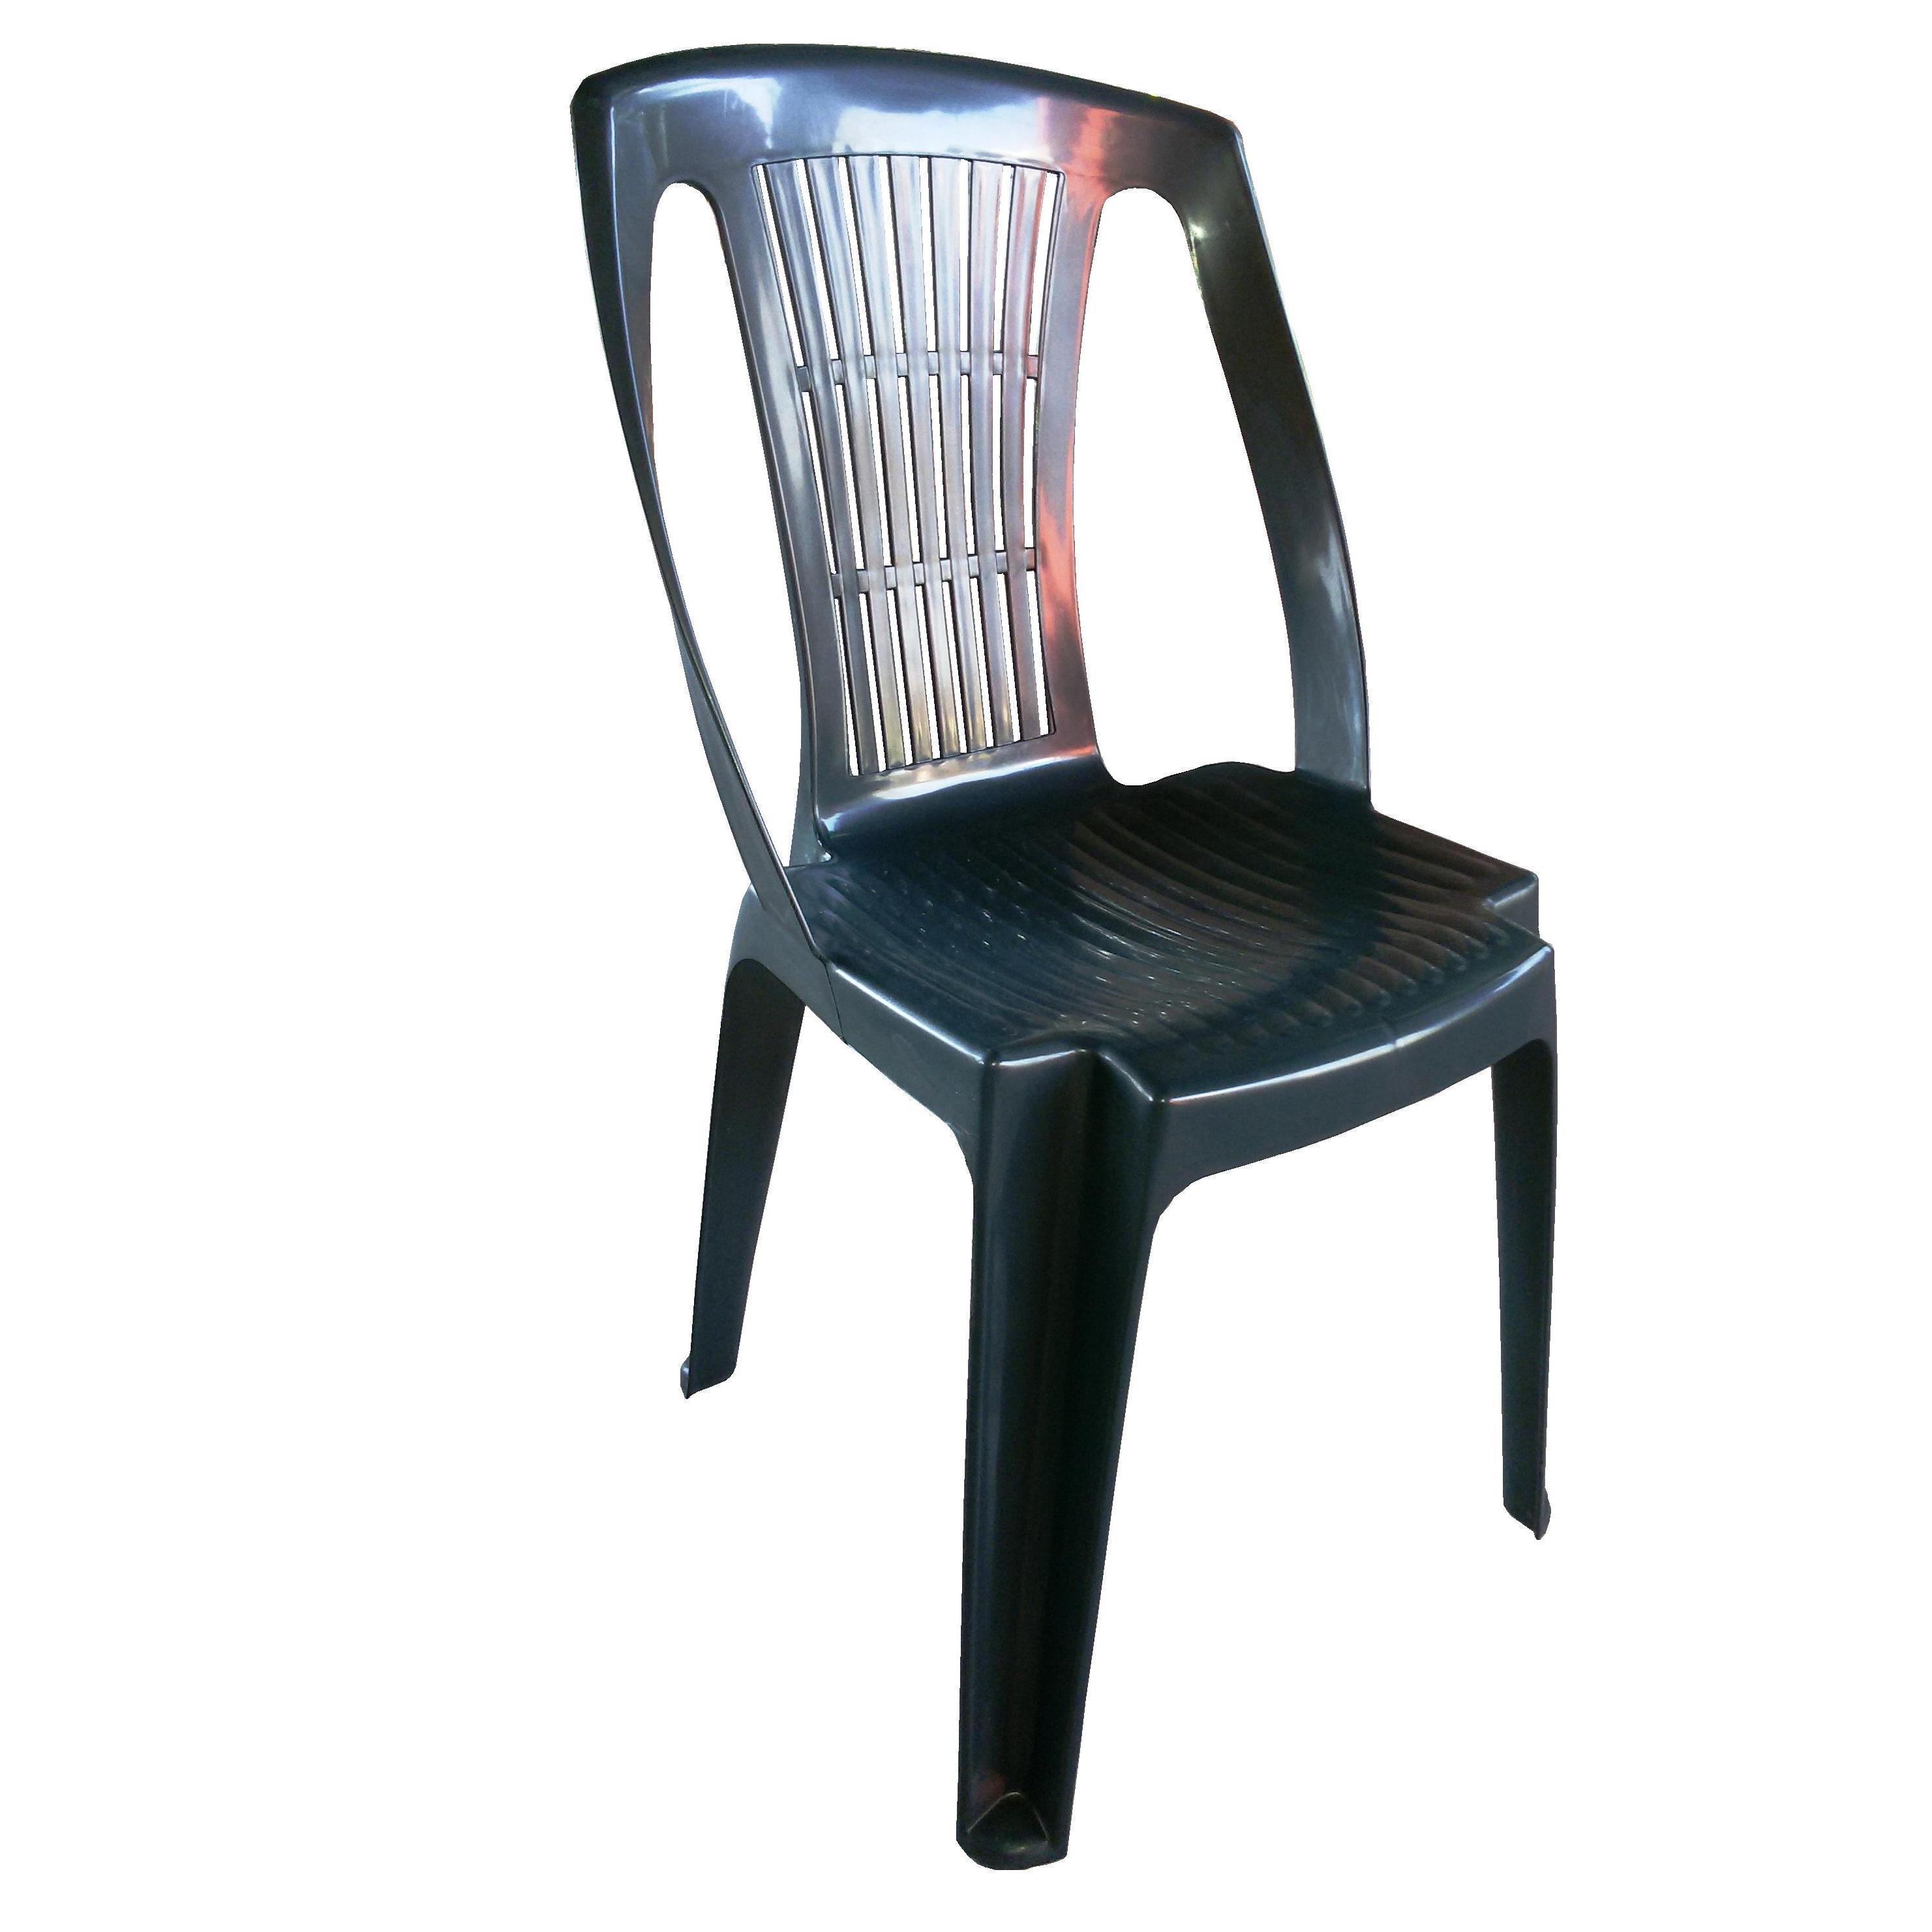 Sedie Da Bar In Plastica.Sedia In Plastica Giardino Senza Braccioli Colore Verde Modello